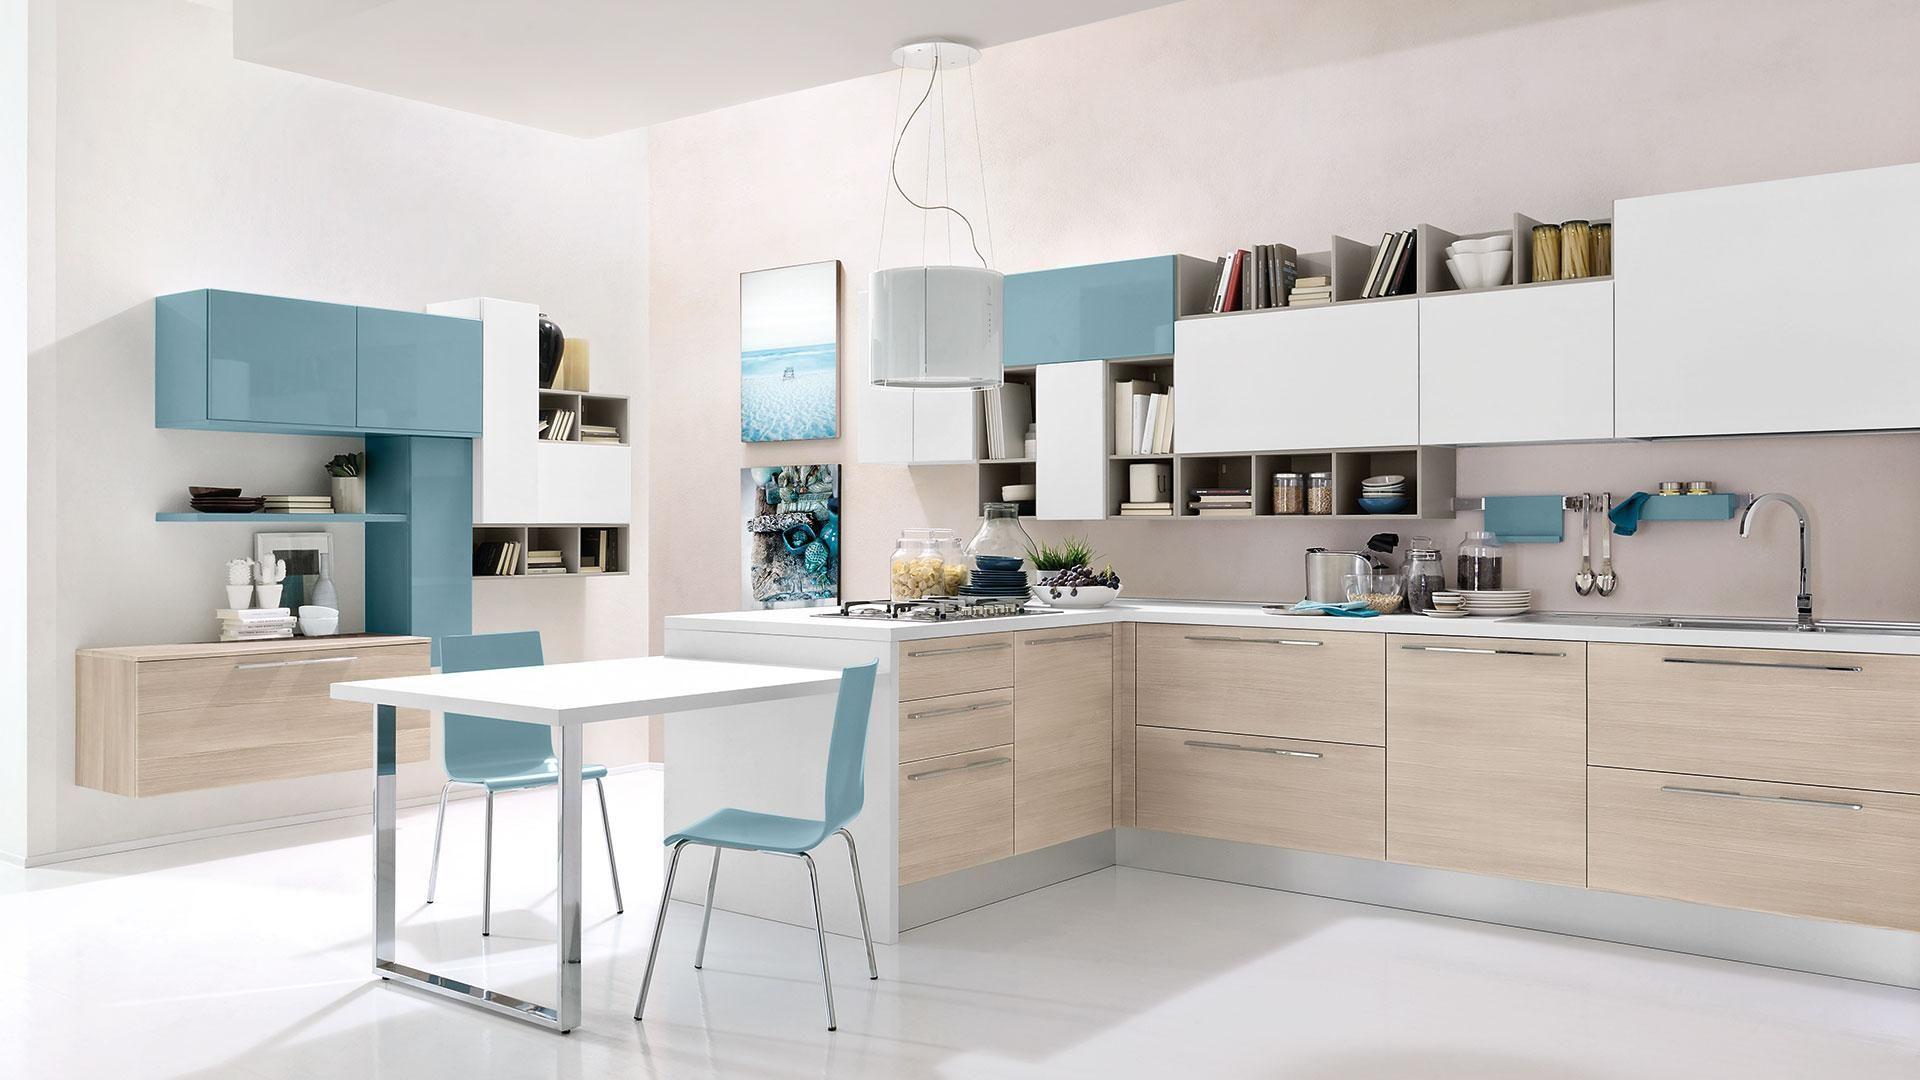 Stunning Cucina Lube Modello Noemi Prezzo Pictures - Ideas ...